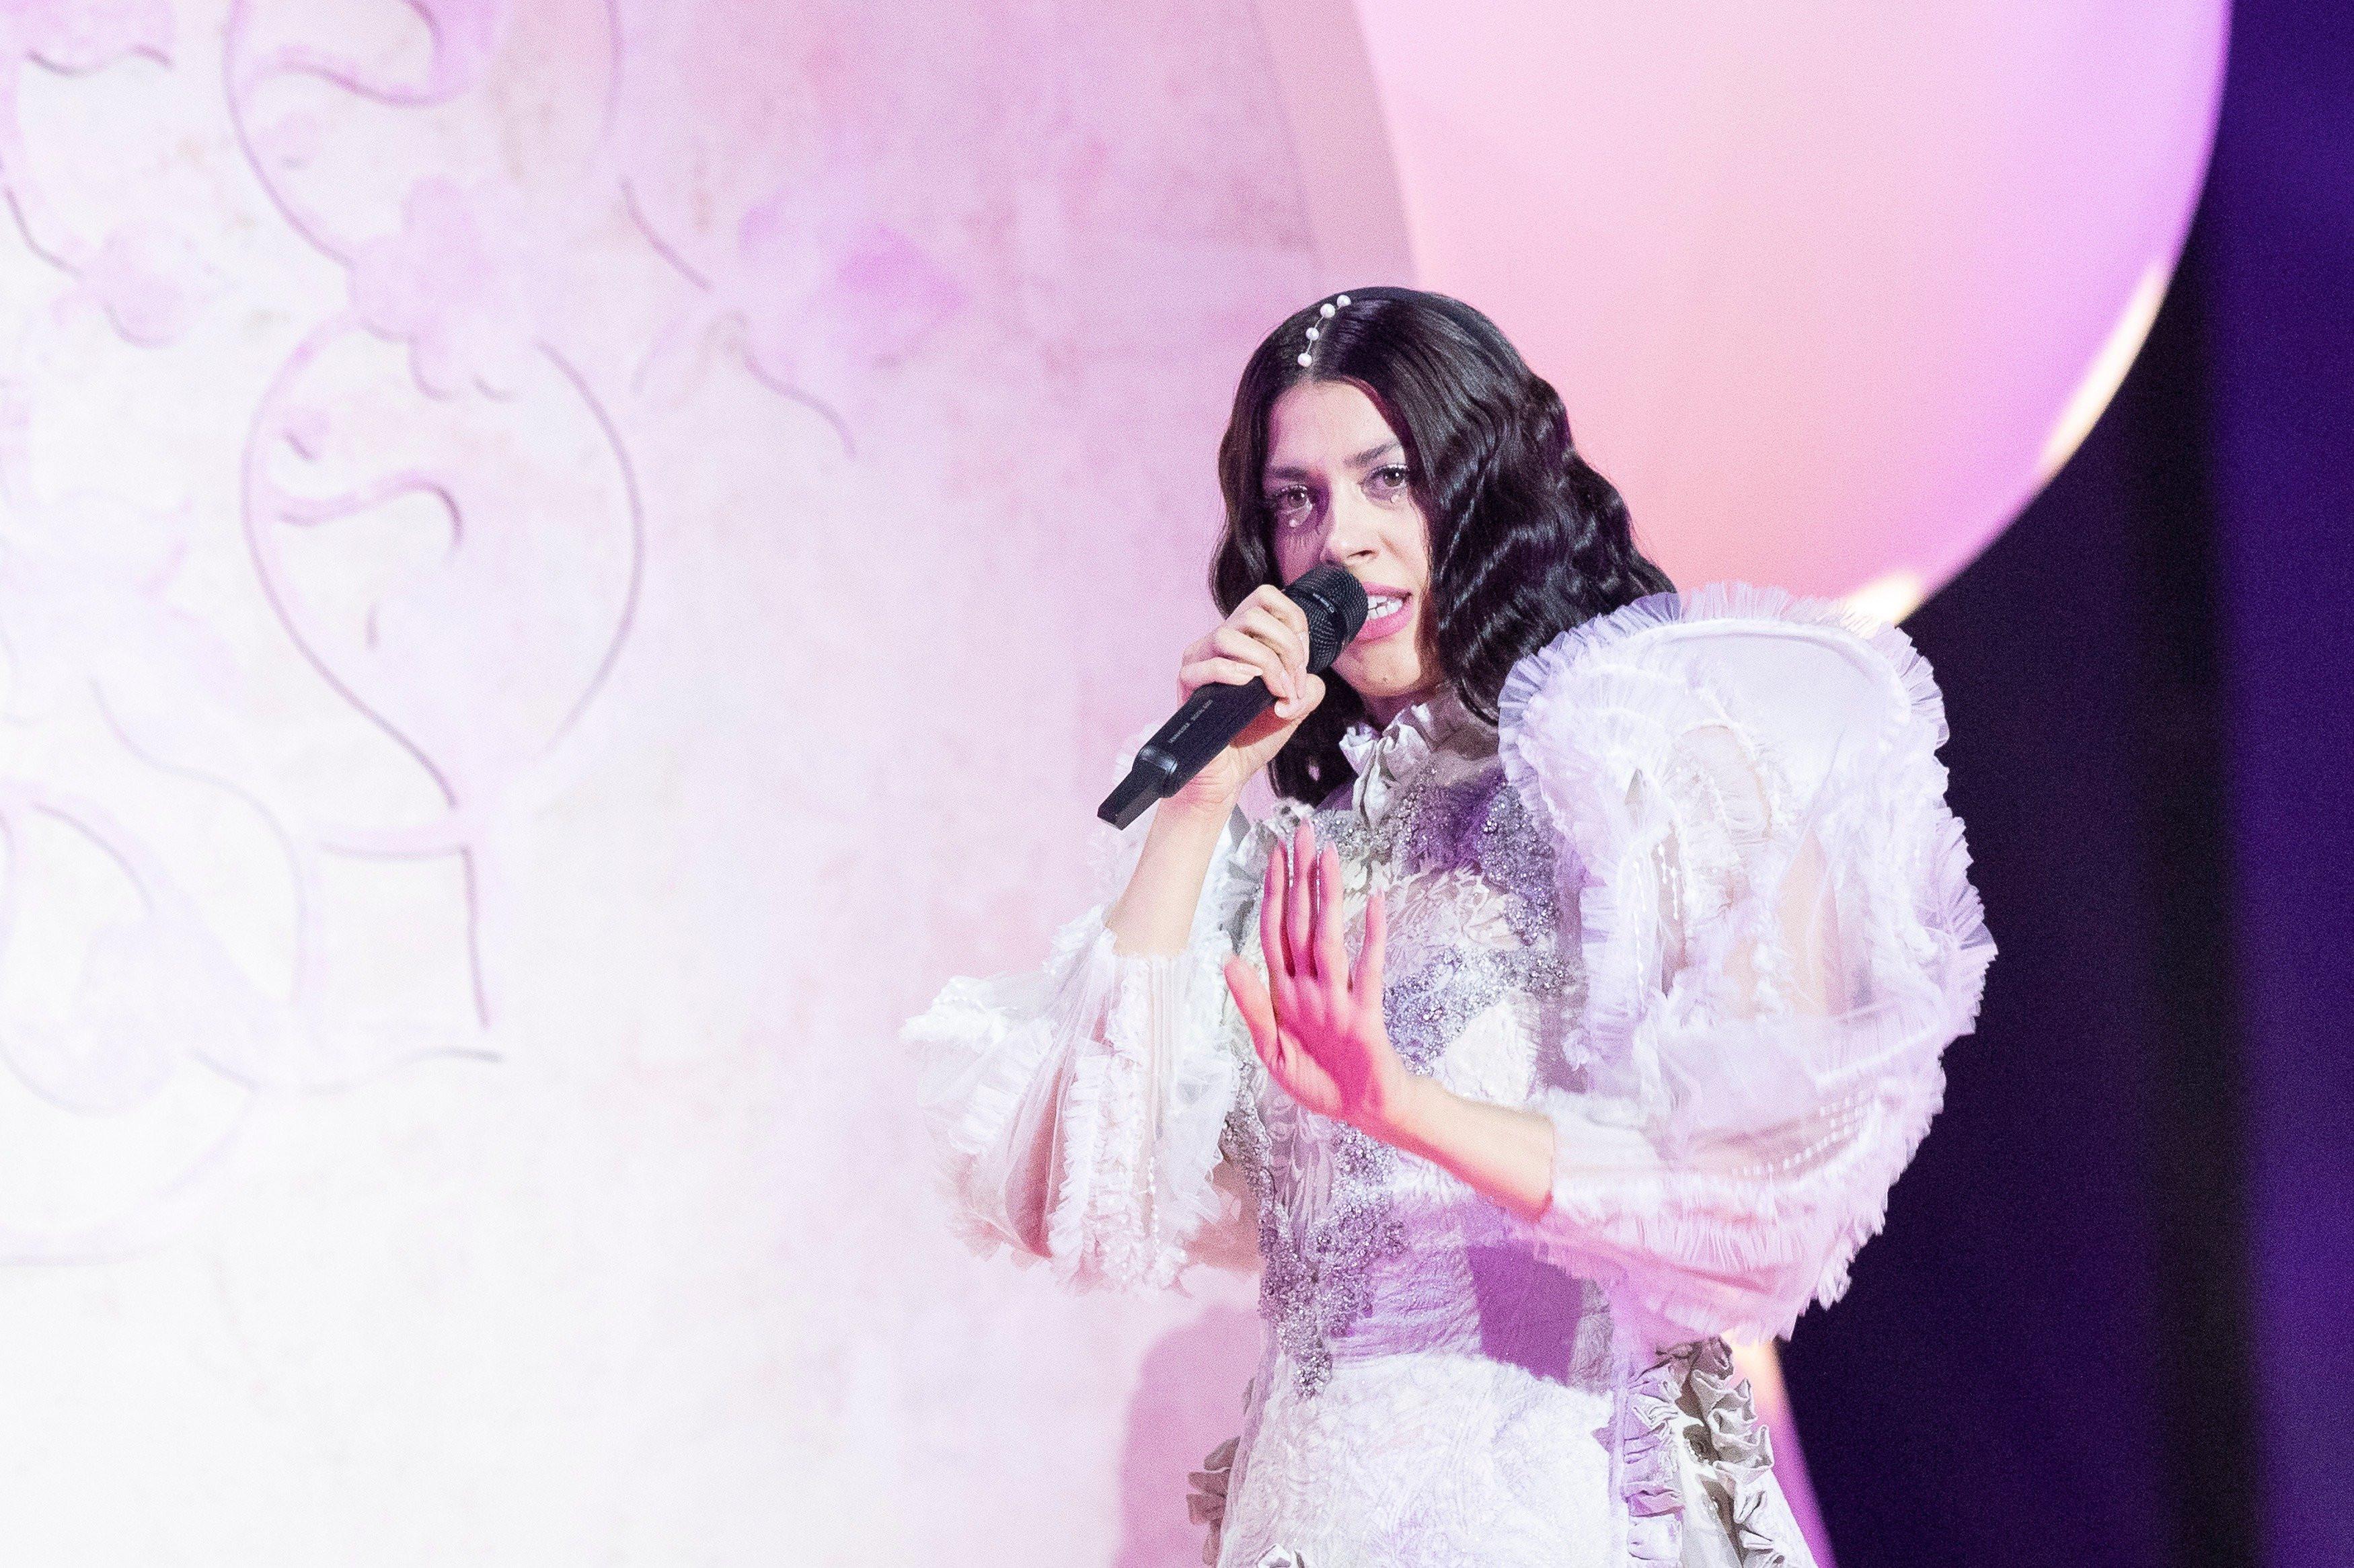 Η Κατερίνα Ντούσκα με αναγεννησιακό στιλ στη σκηνή της Eurovision